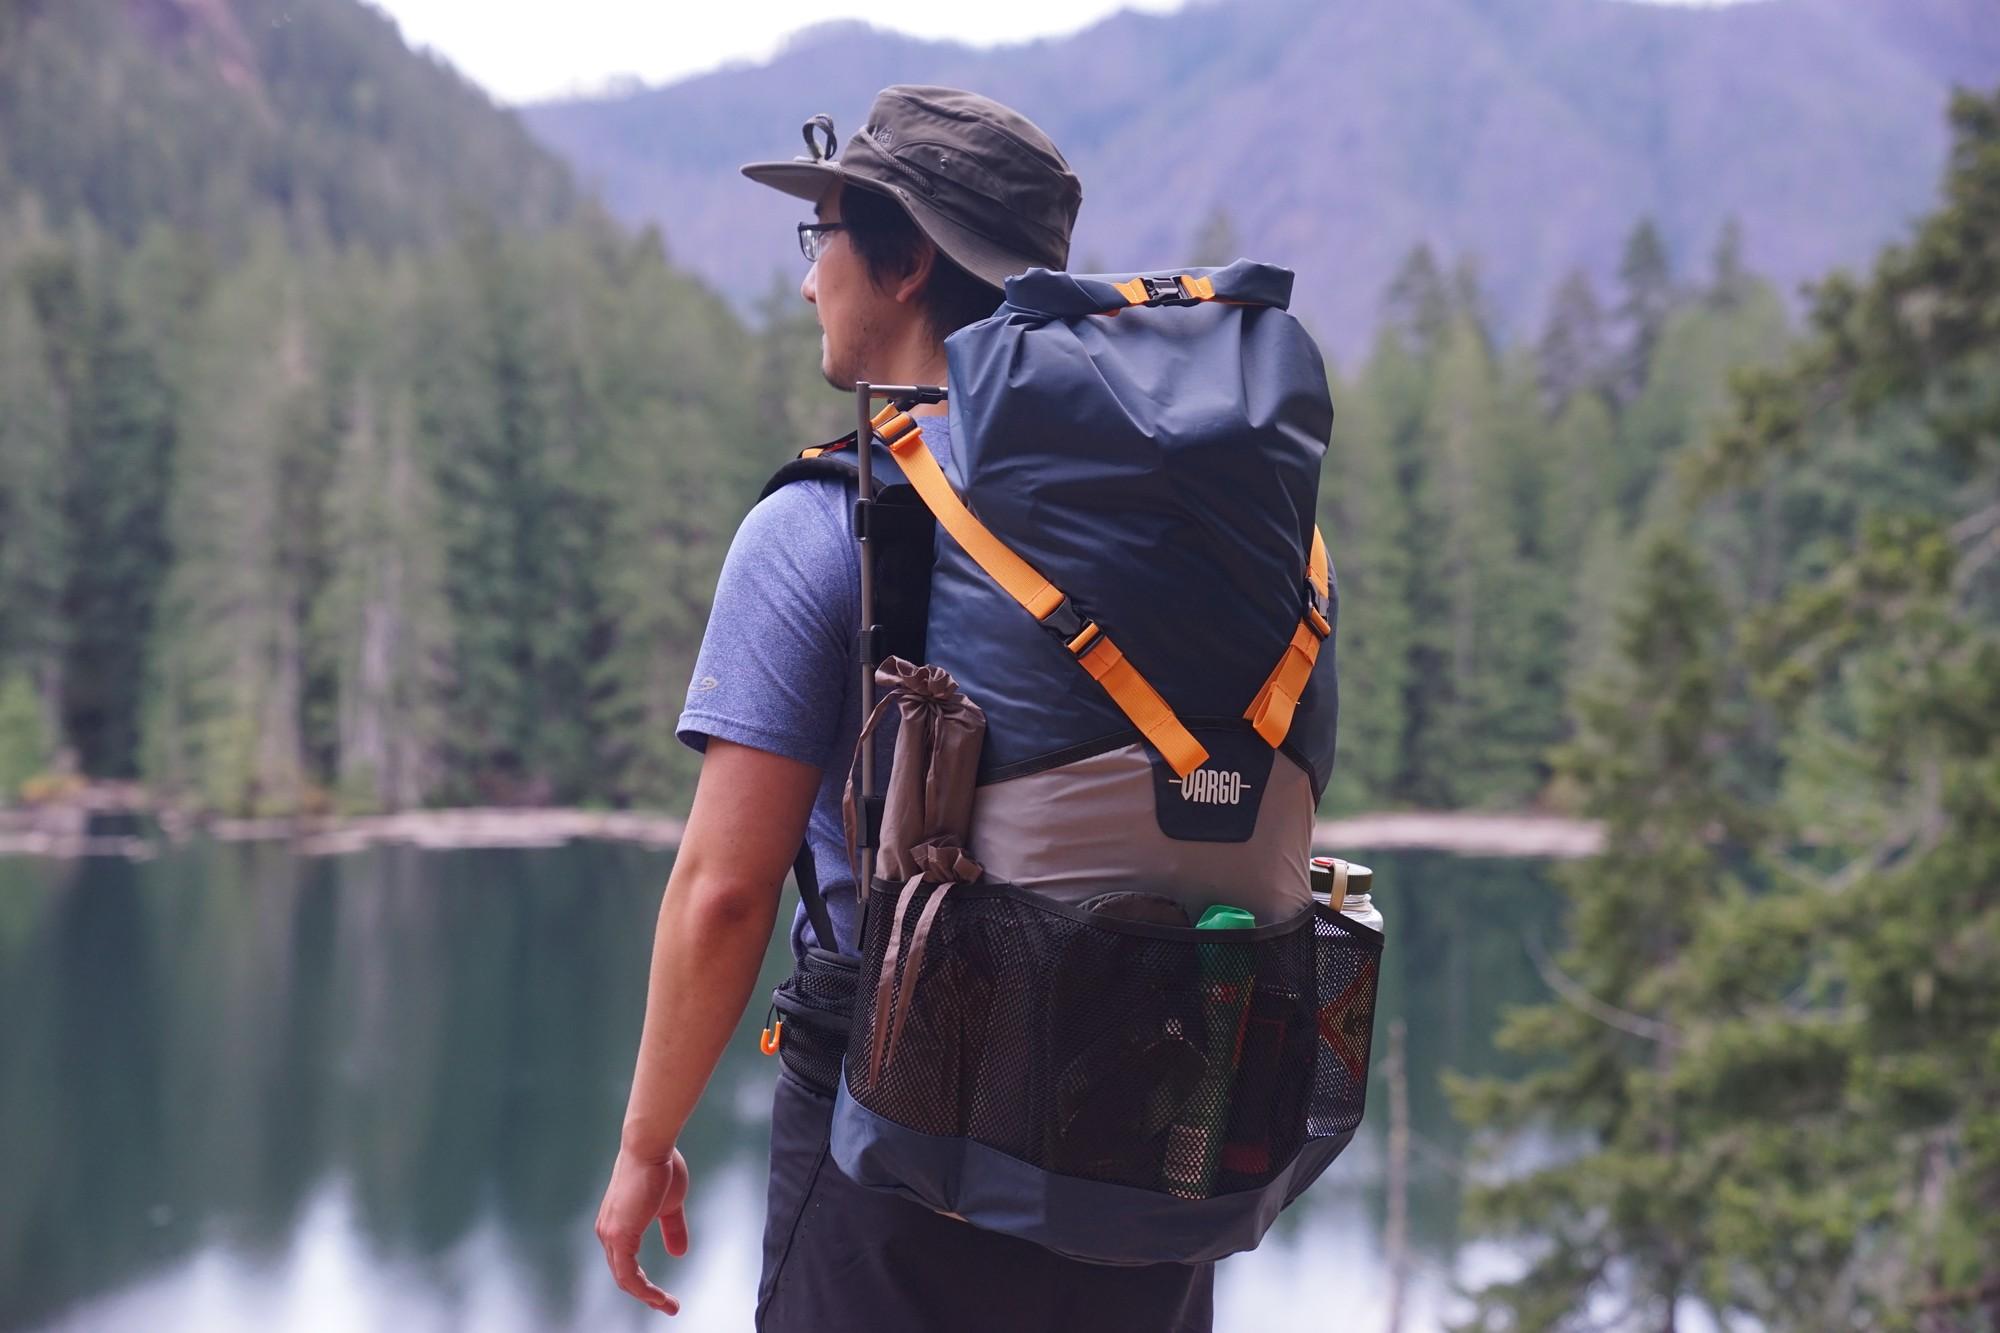 Vargo ExoTi BOG Backpack Review